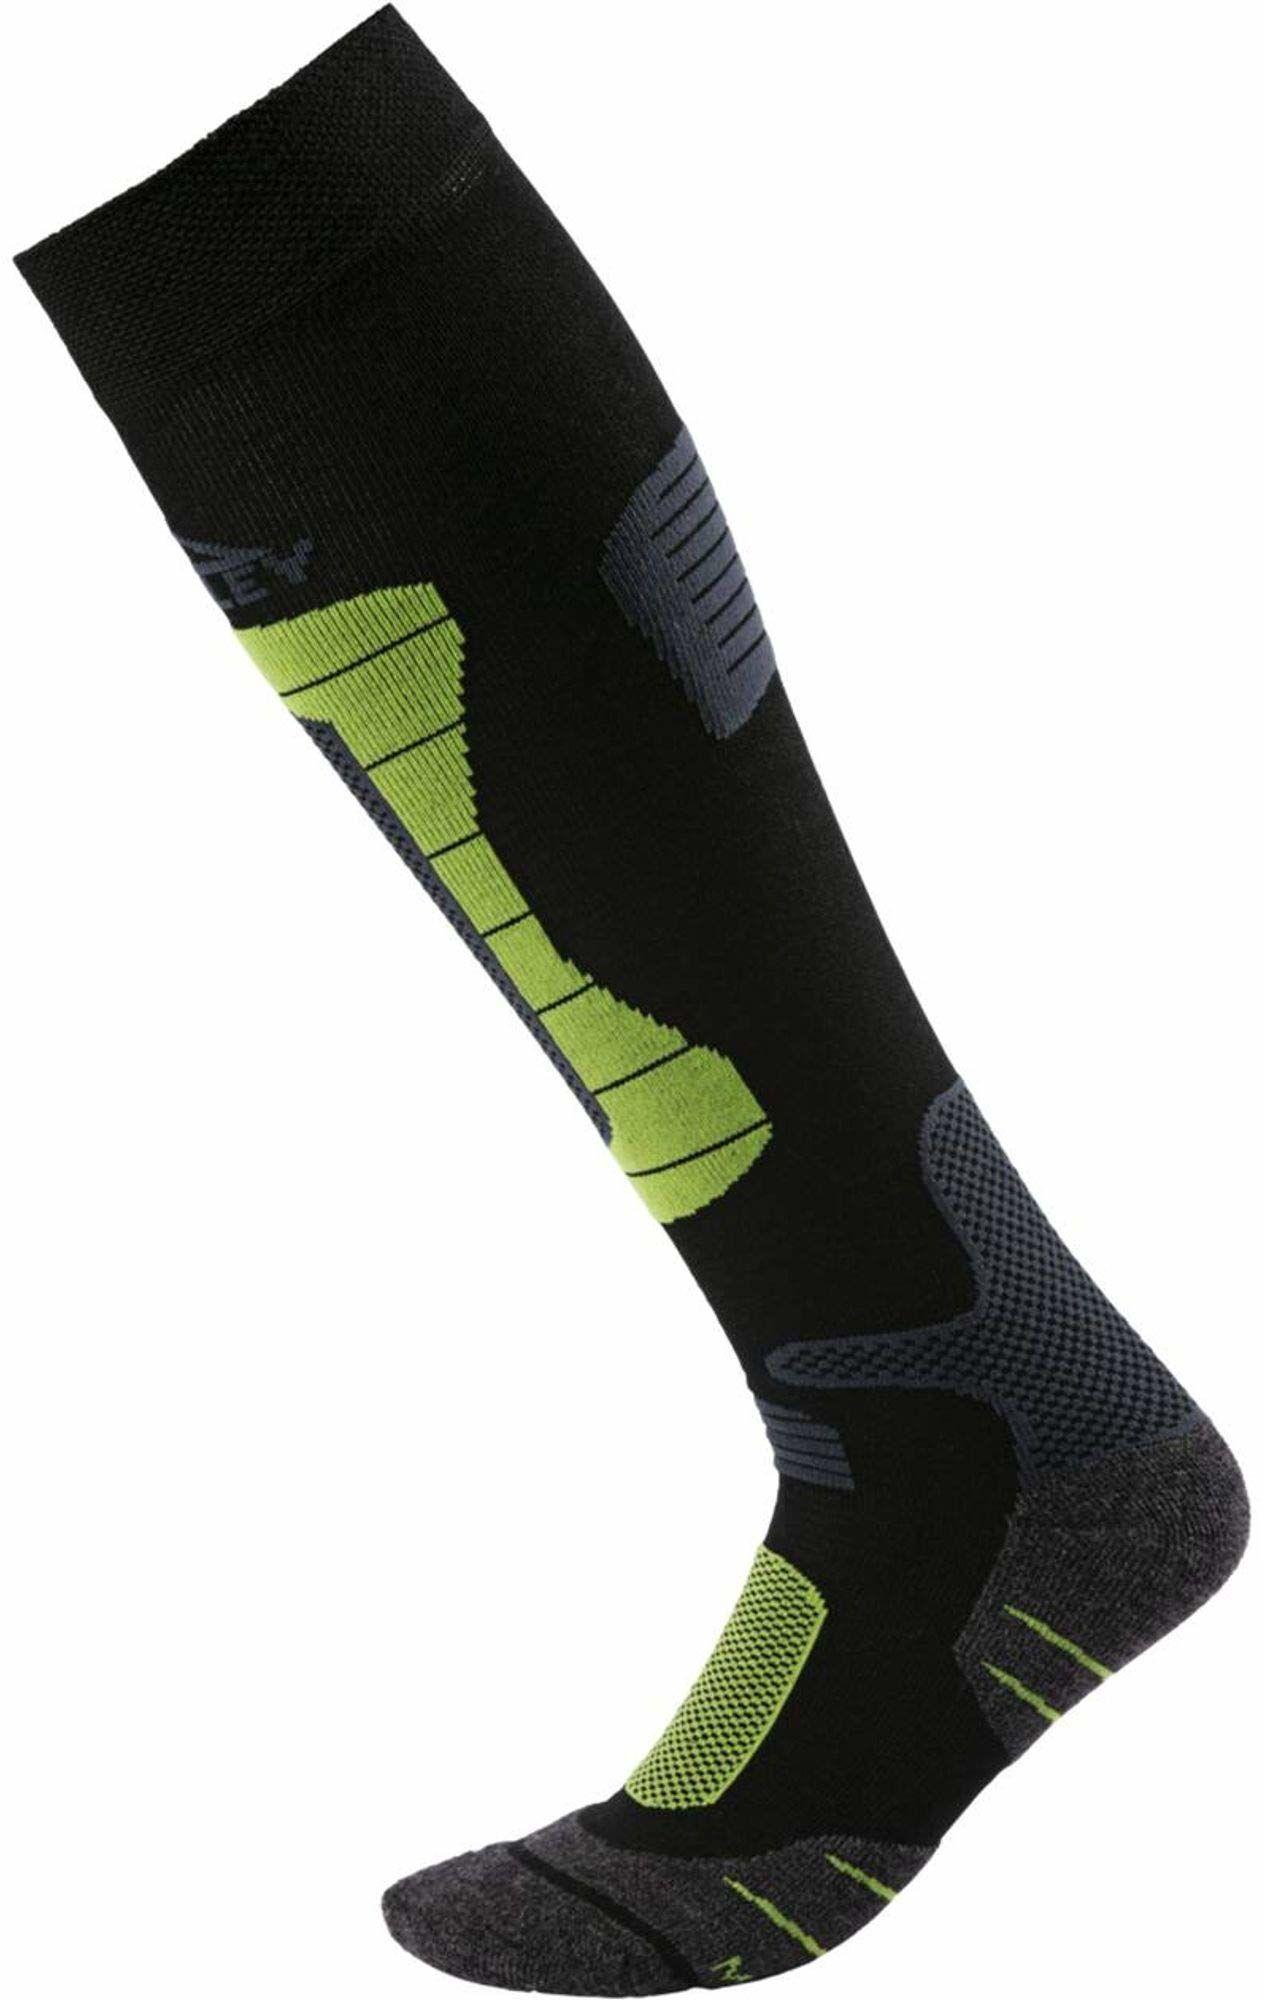 McKINLEY Ben rajstopy męskie czarny czarny/zielony 45-47